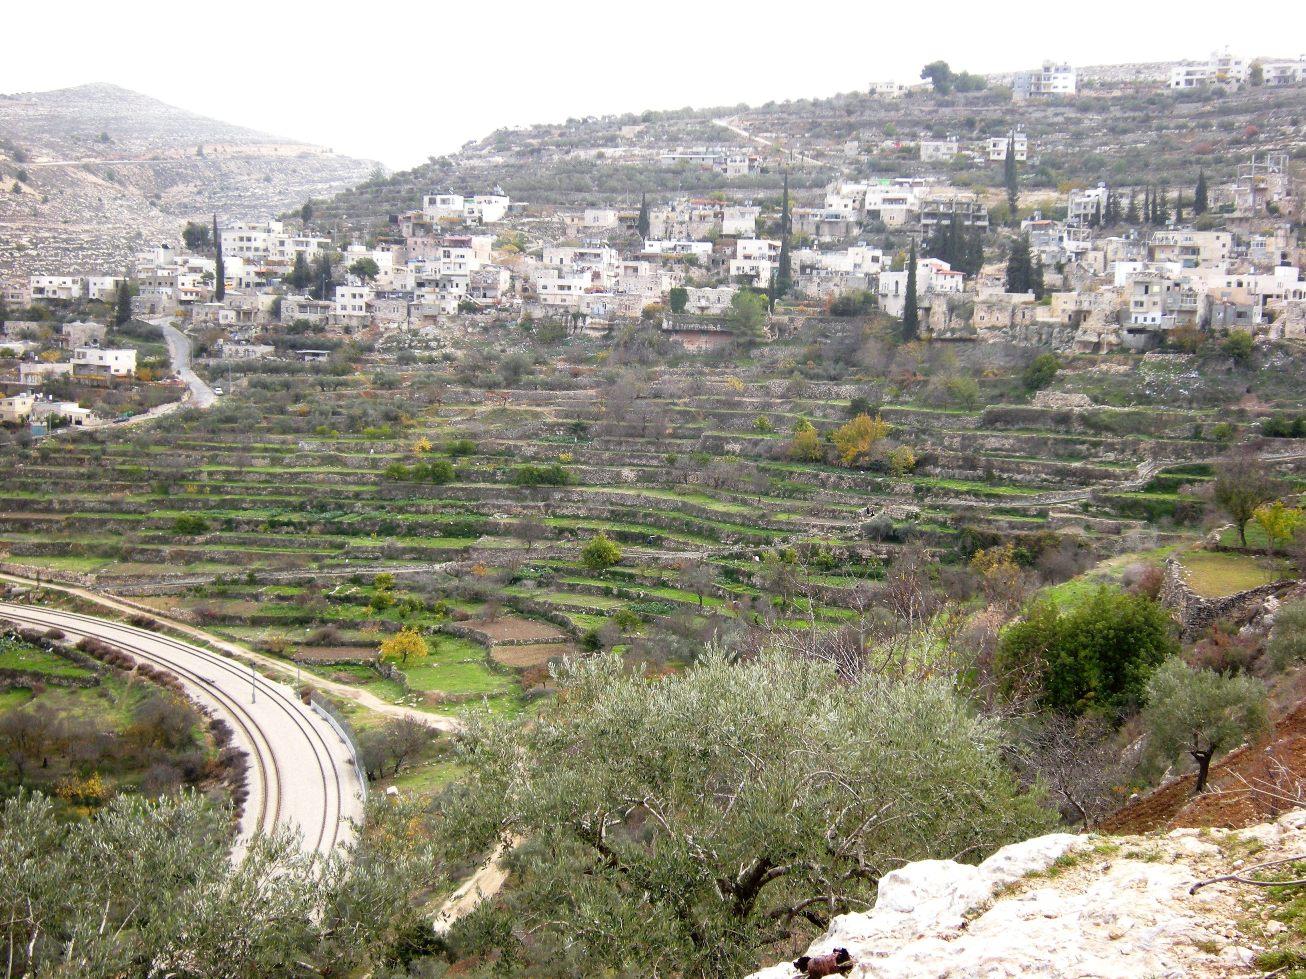 Il villaggio palestinese di Battir (Foto: Nena News)